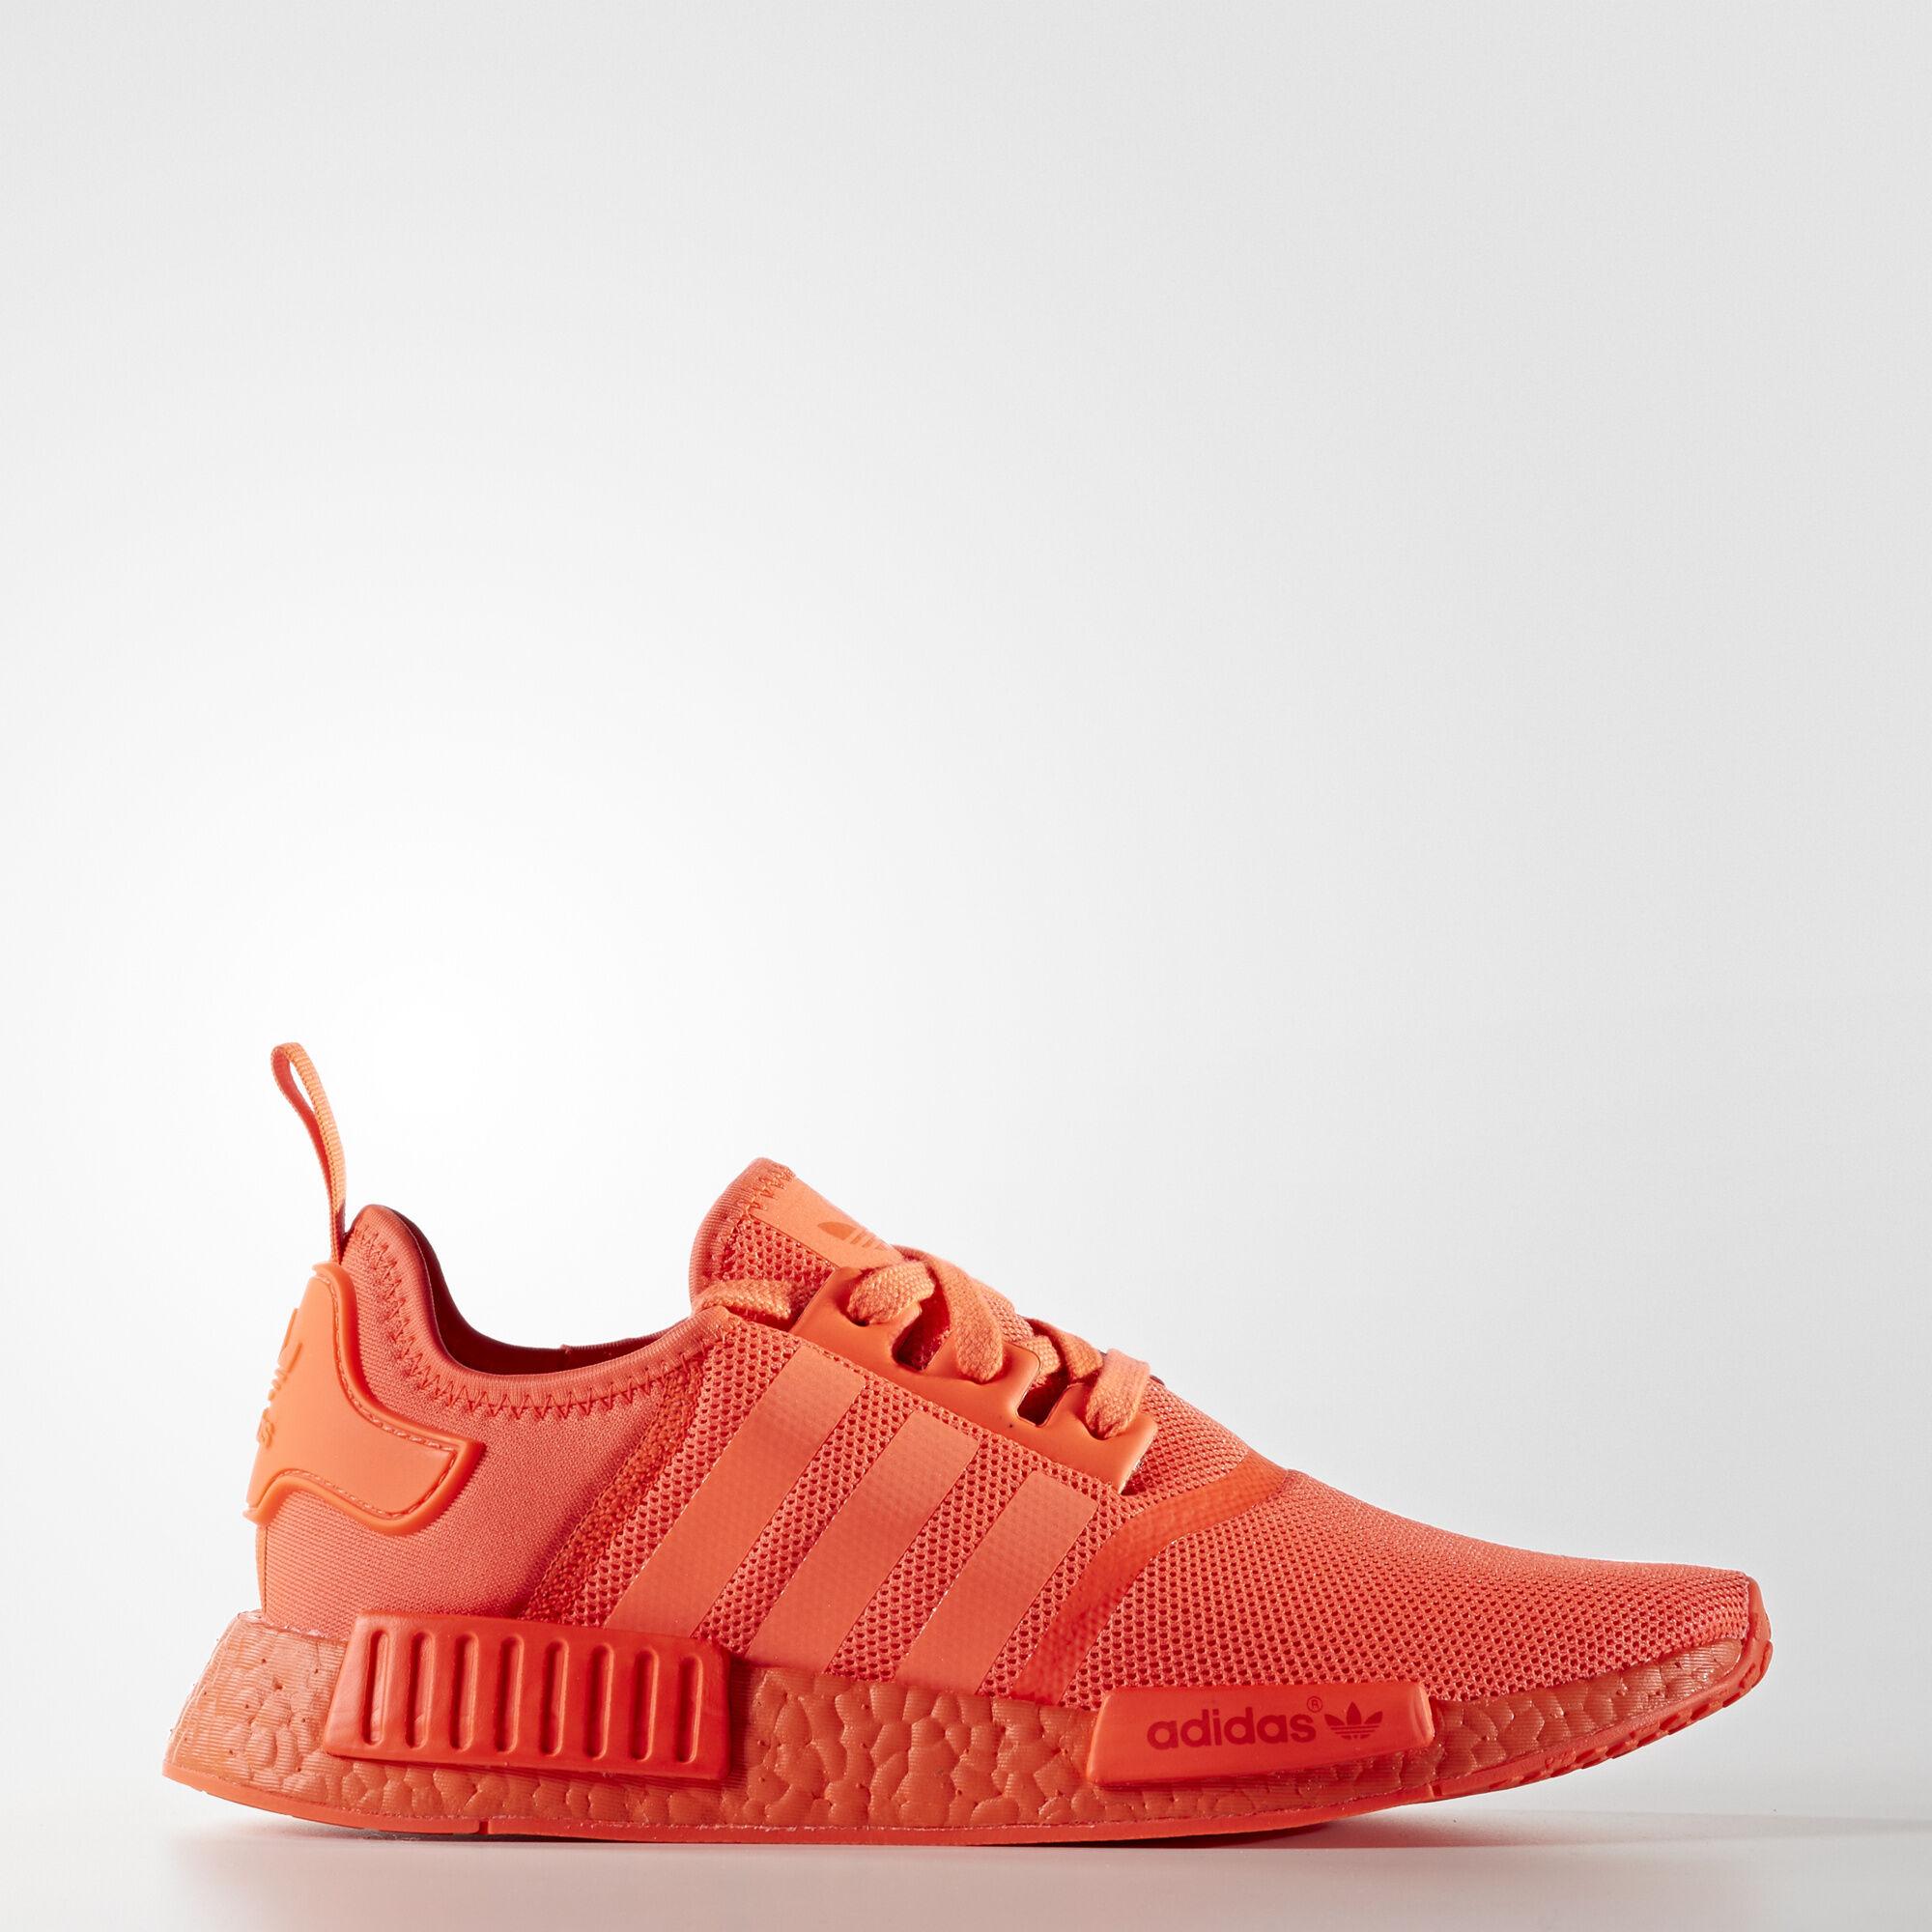 Adidas Shoes Orange